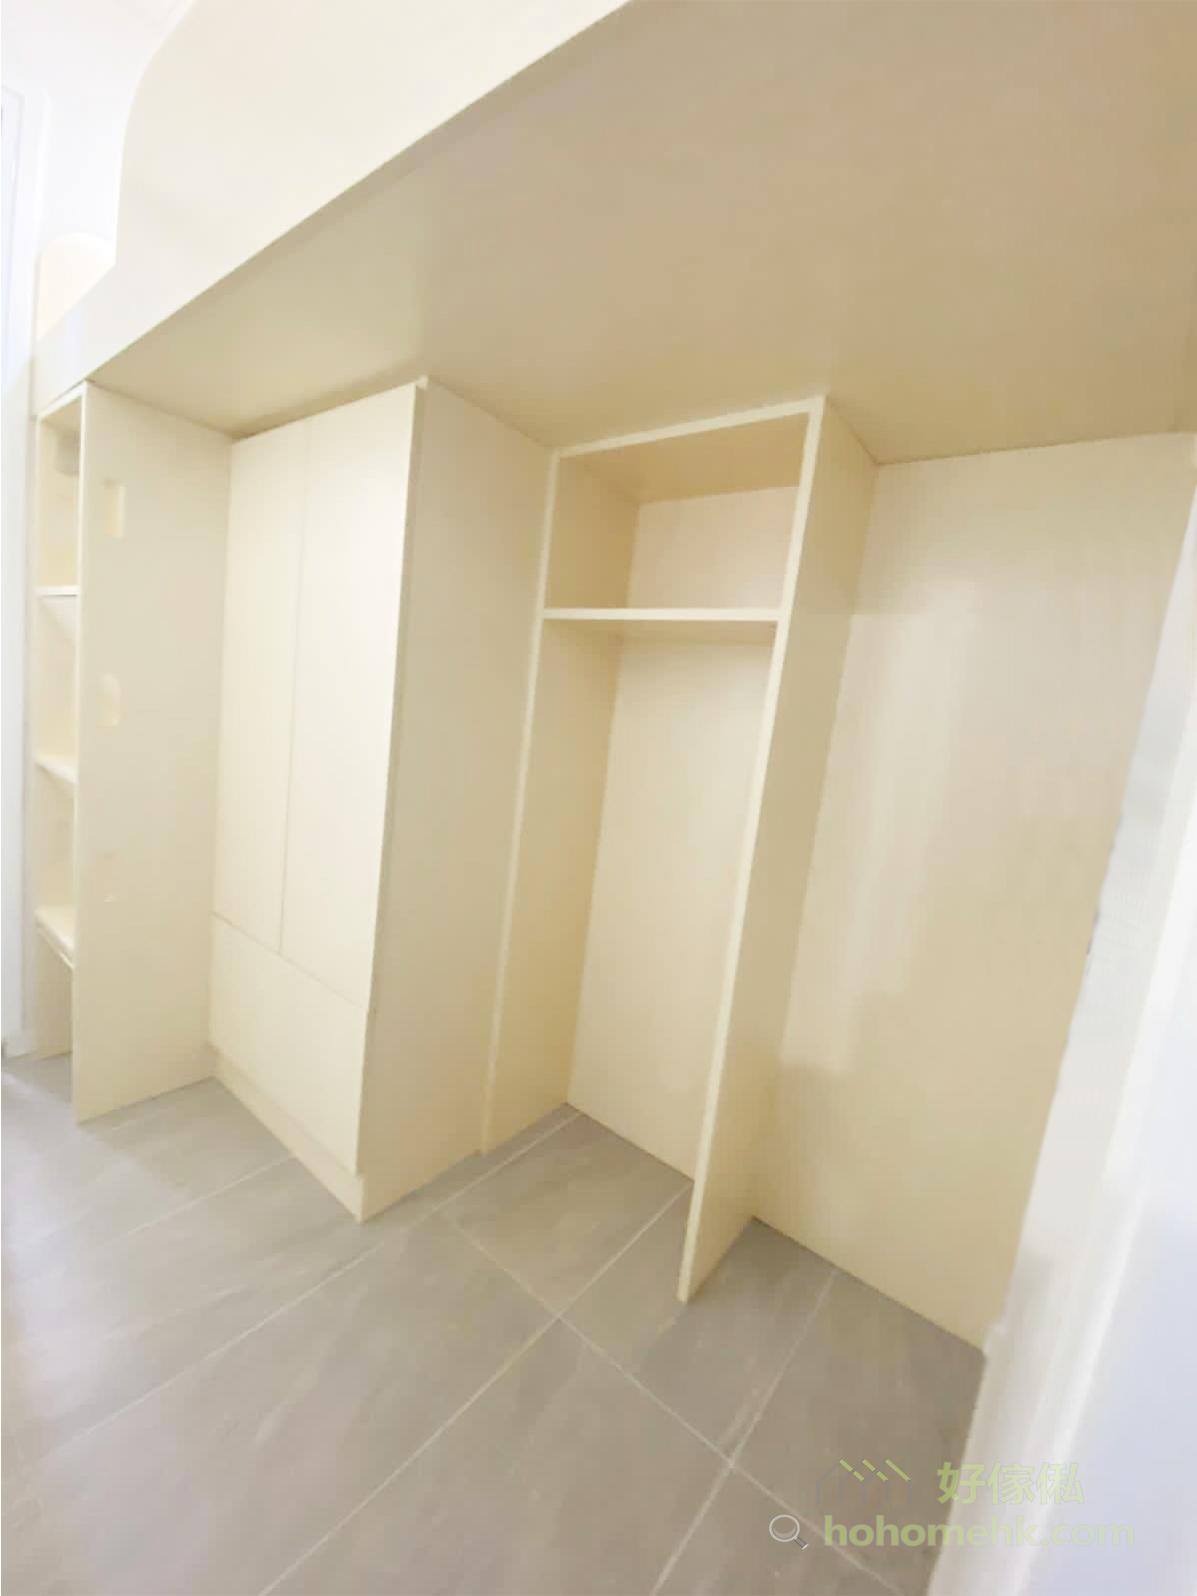 將工人姐姐的睡床升高,變成高架床,就可以騰出下層的空間儲物,整齊劃分好上層是休息區,下層是儲物區